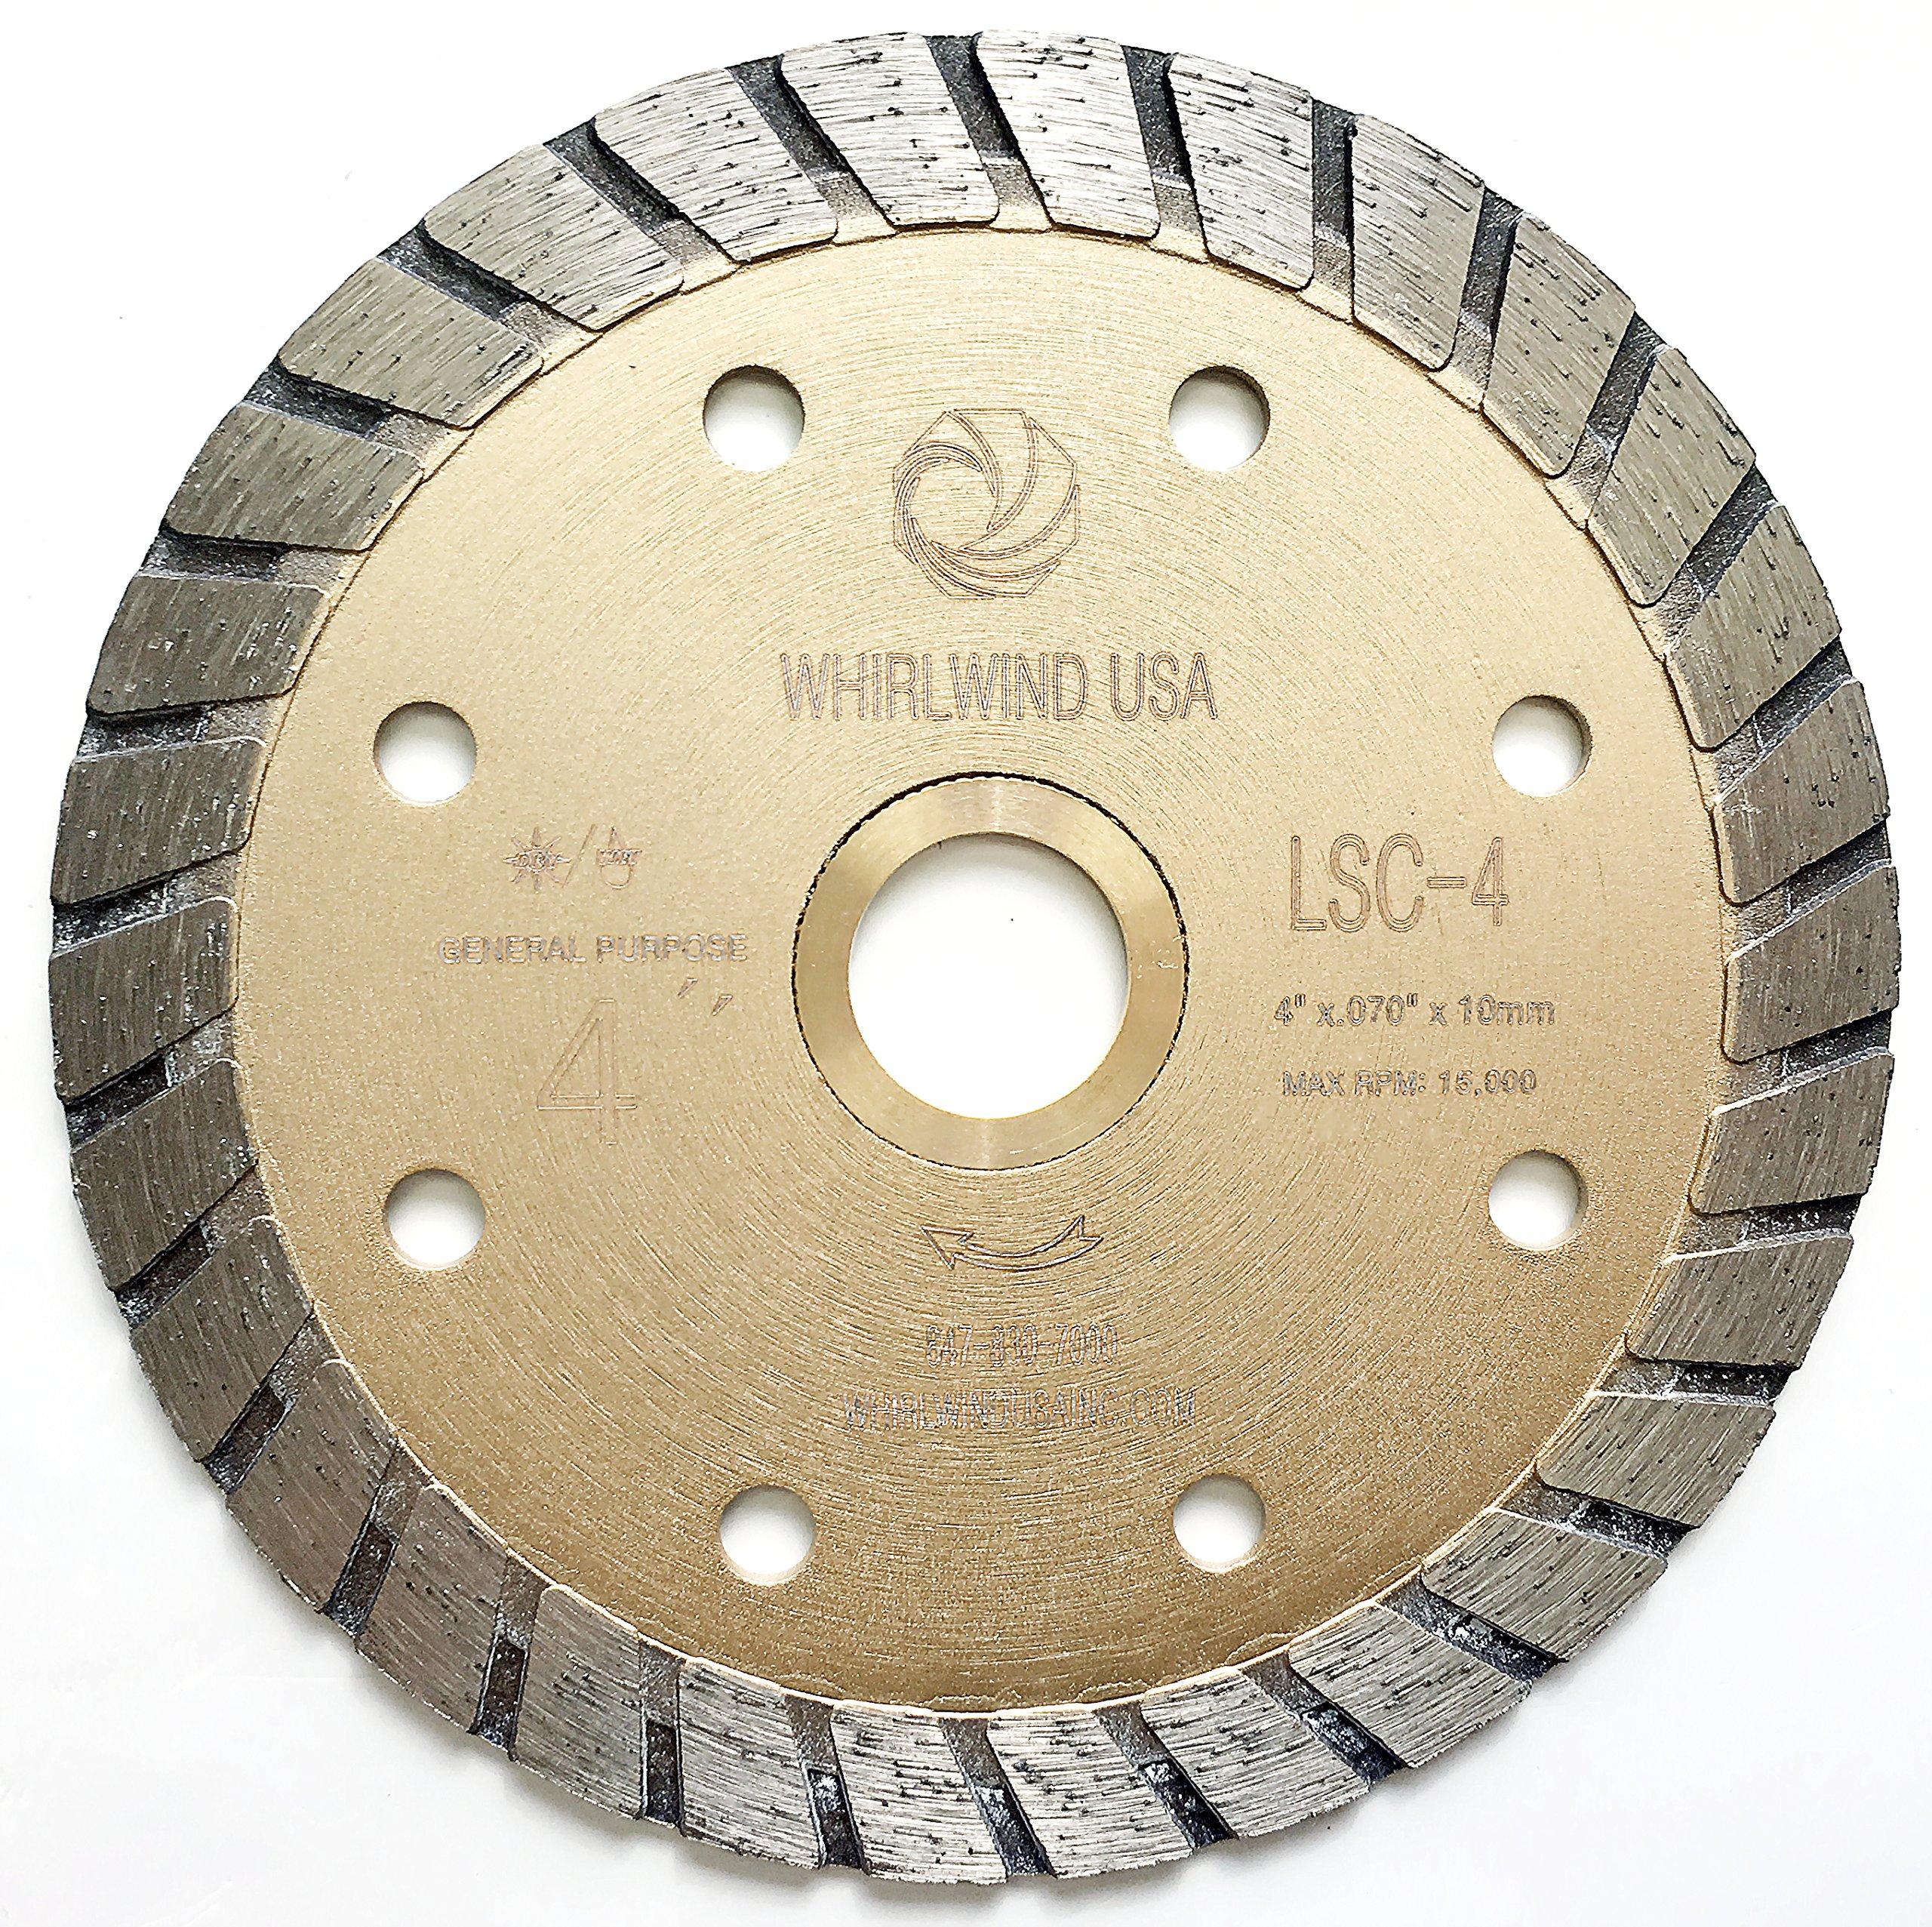 Disco de Diamante WHIRLWIND LSC - Corte en seco o en húmedo de 4 pulg. Propósito general Sierra de potencia turbo contin